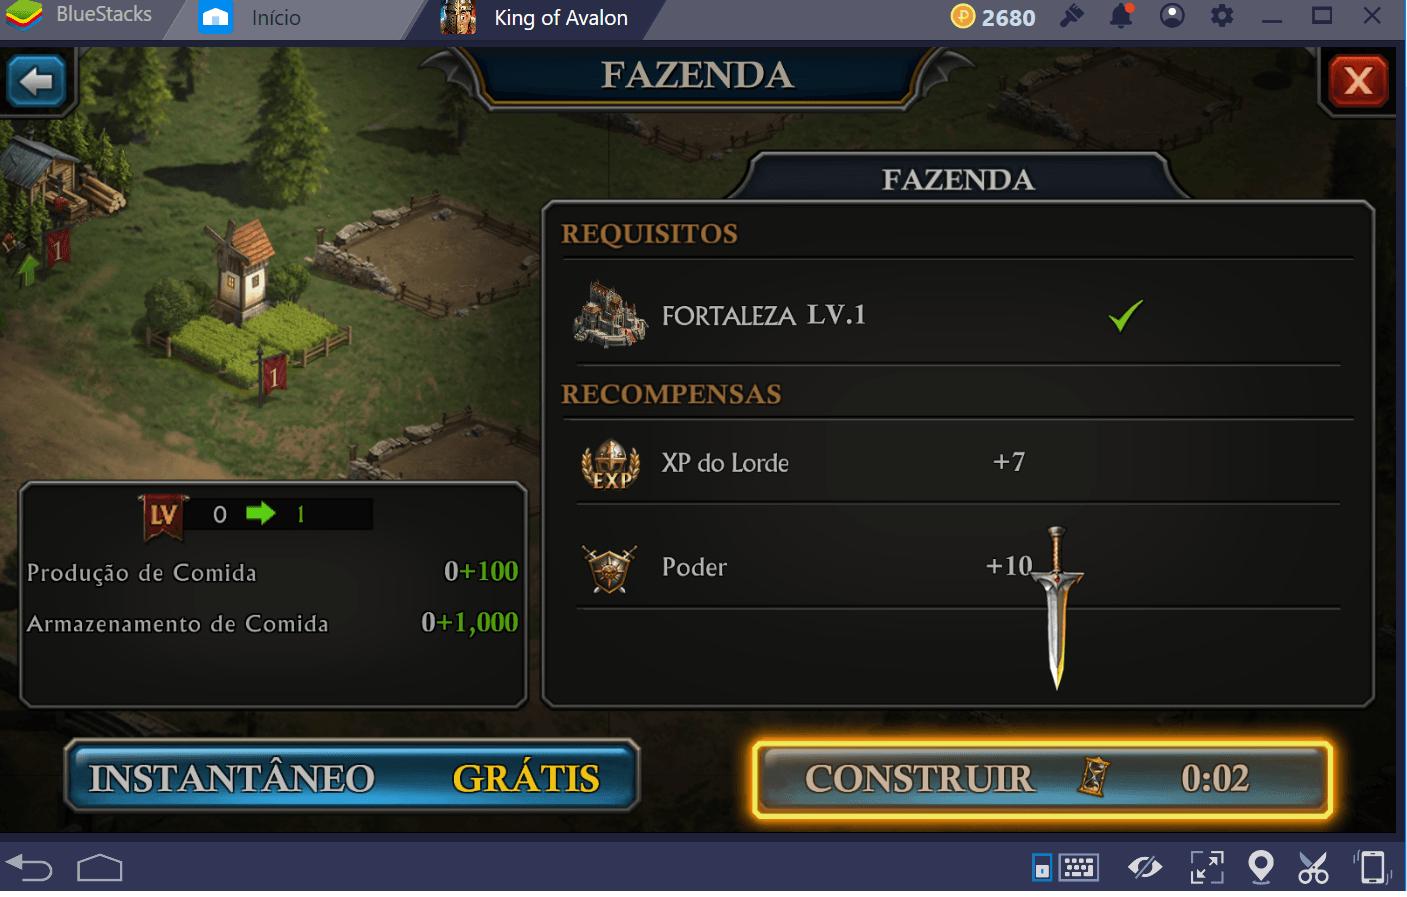 Guia de recursos em King of Avalon: Dragon Warfare